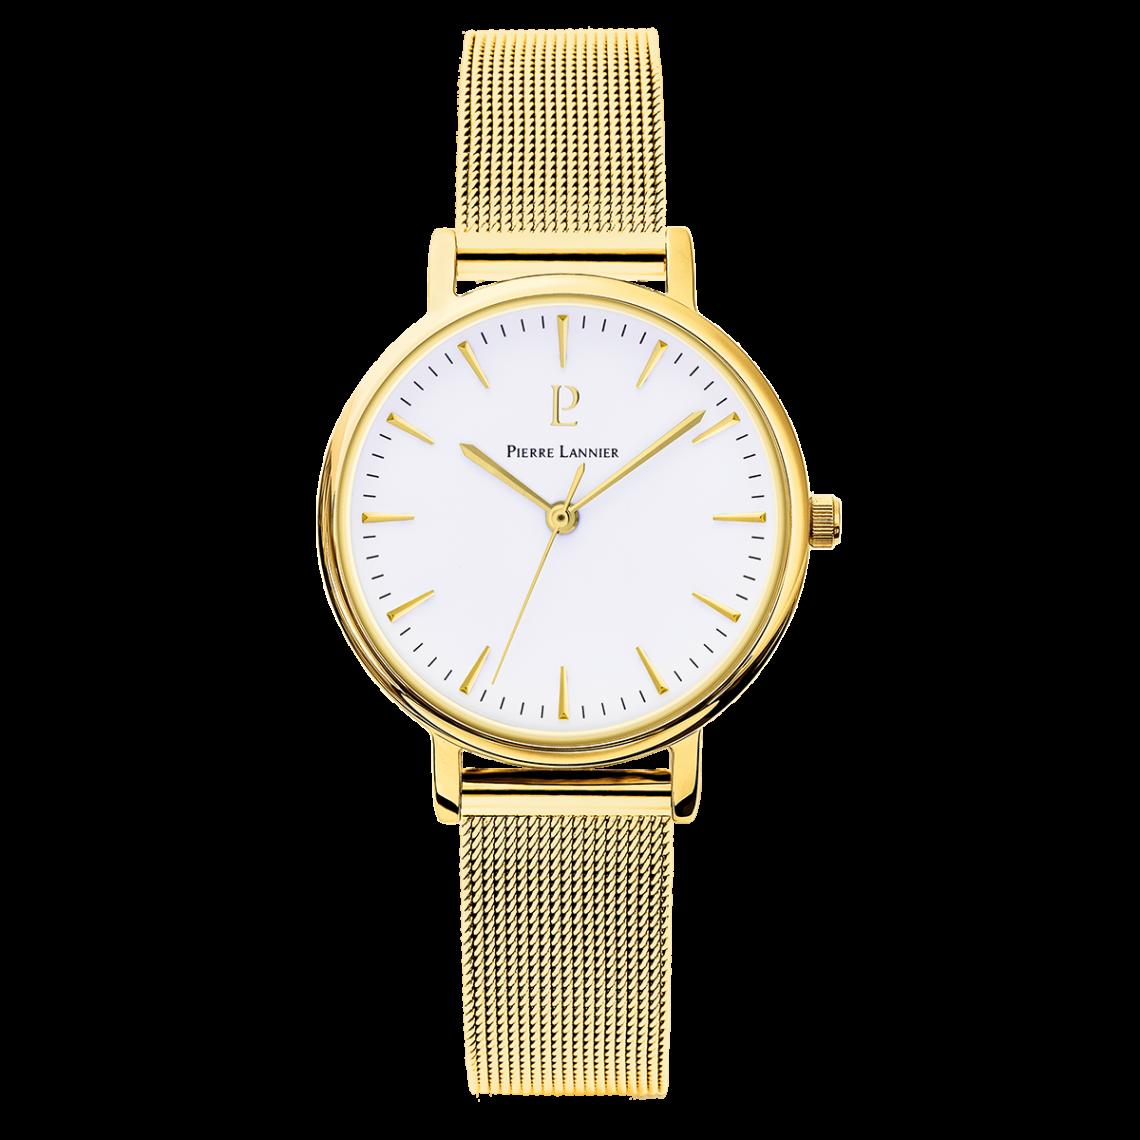 Montre 093L508 - Montre Bracelet Acier Or Montres - Pierre Lannier - Modalova